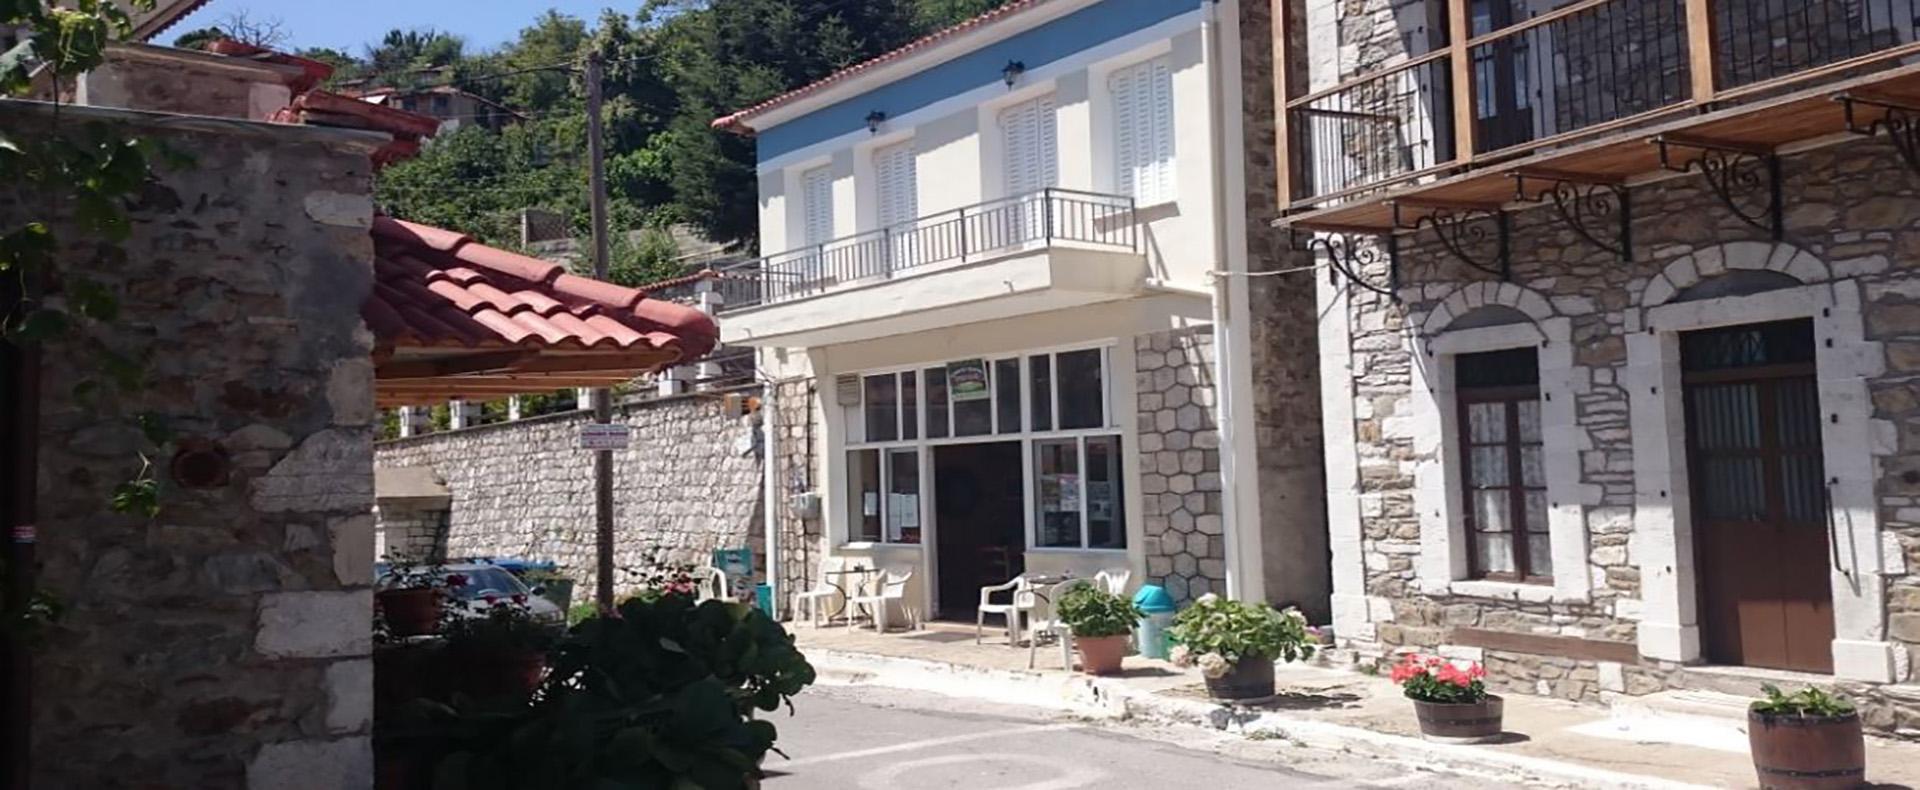 """Ψησταριά """"Η Κληματαριά"""" στο Γεωργίτσι Λακωνίας"""